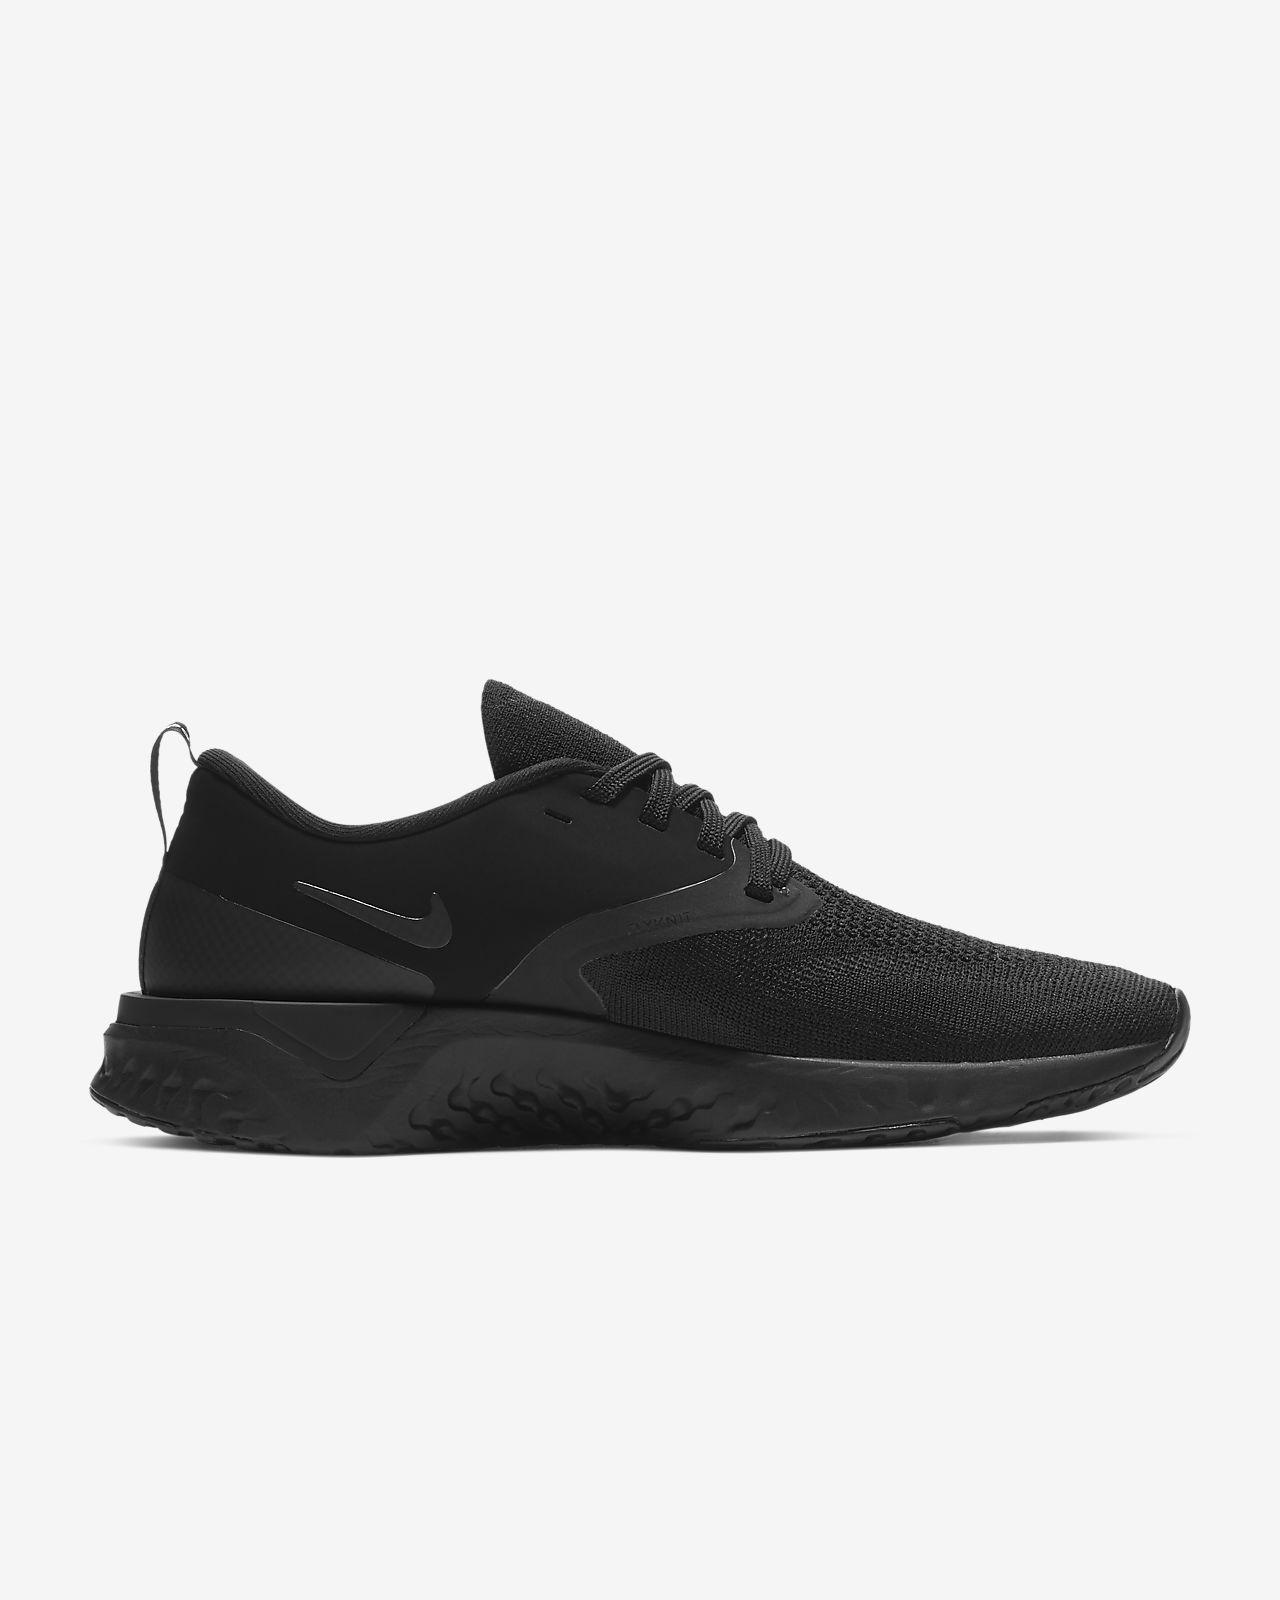 53c8ba687b86c Nike Odyssey React Flyknit 2 Women s Running Shoe. Nike.com ID